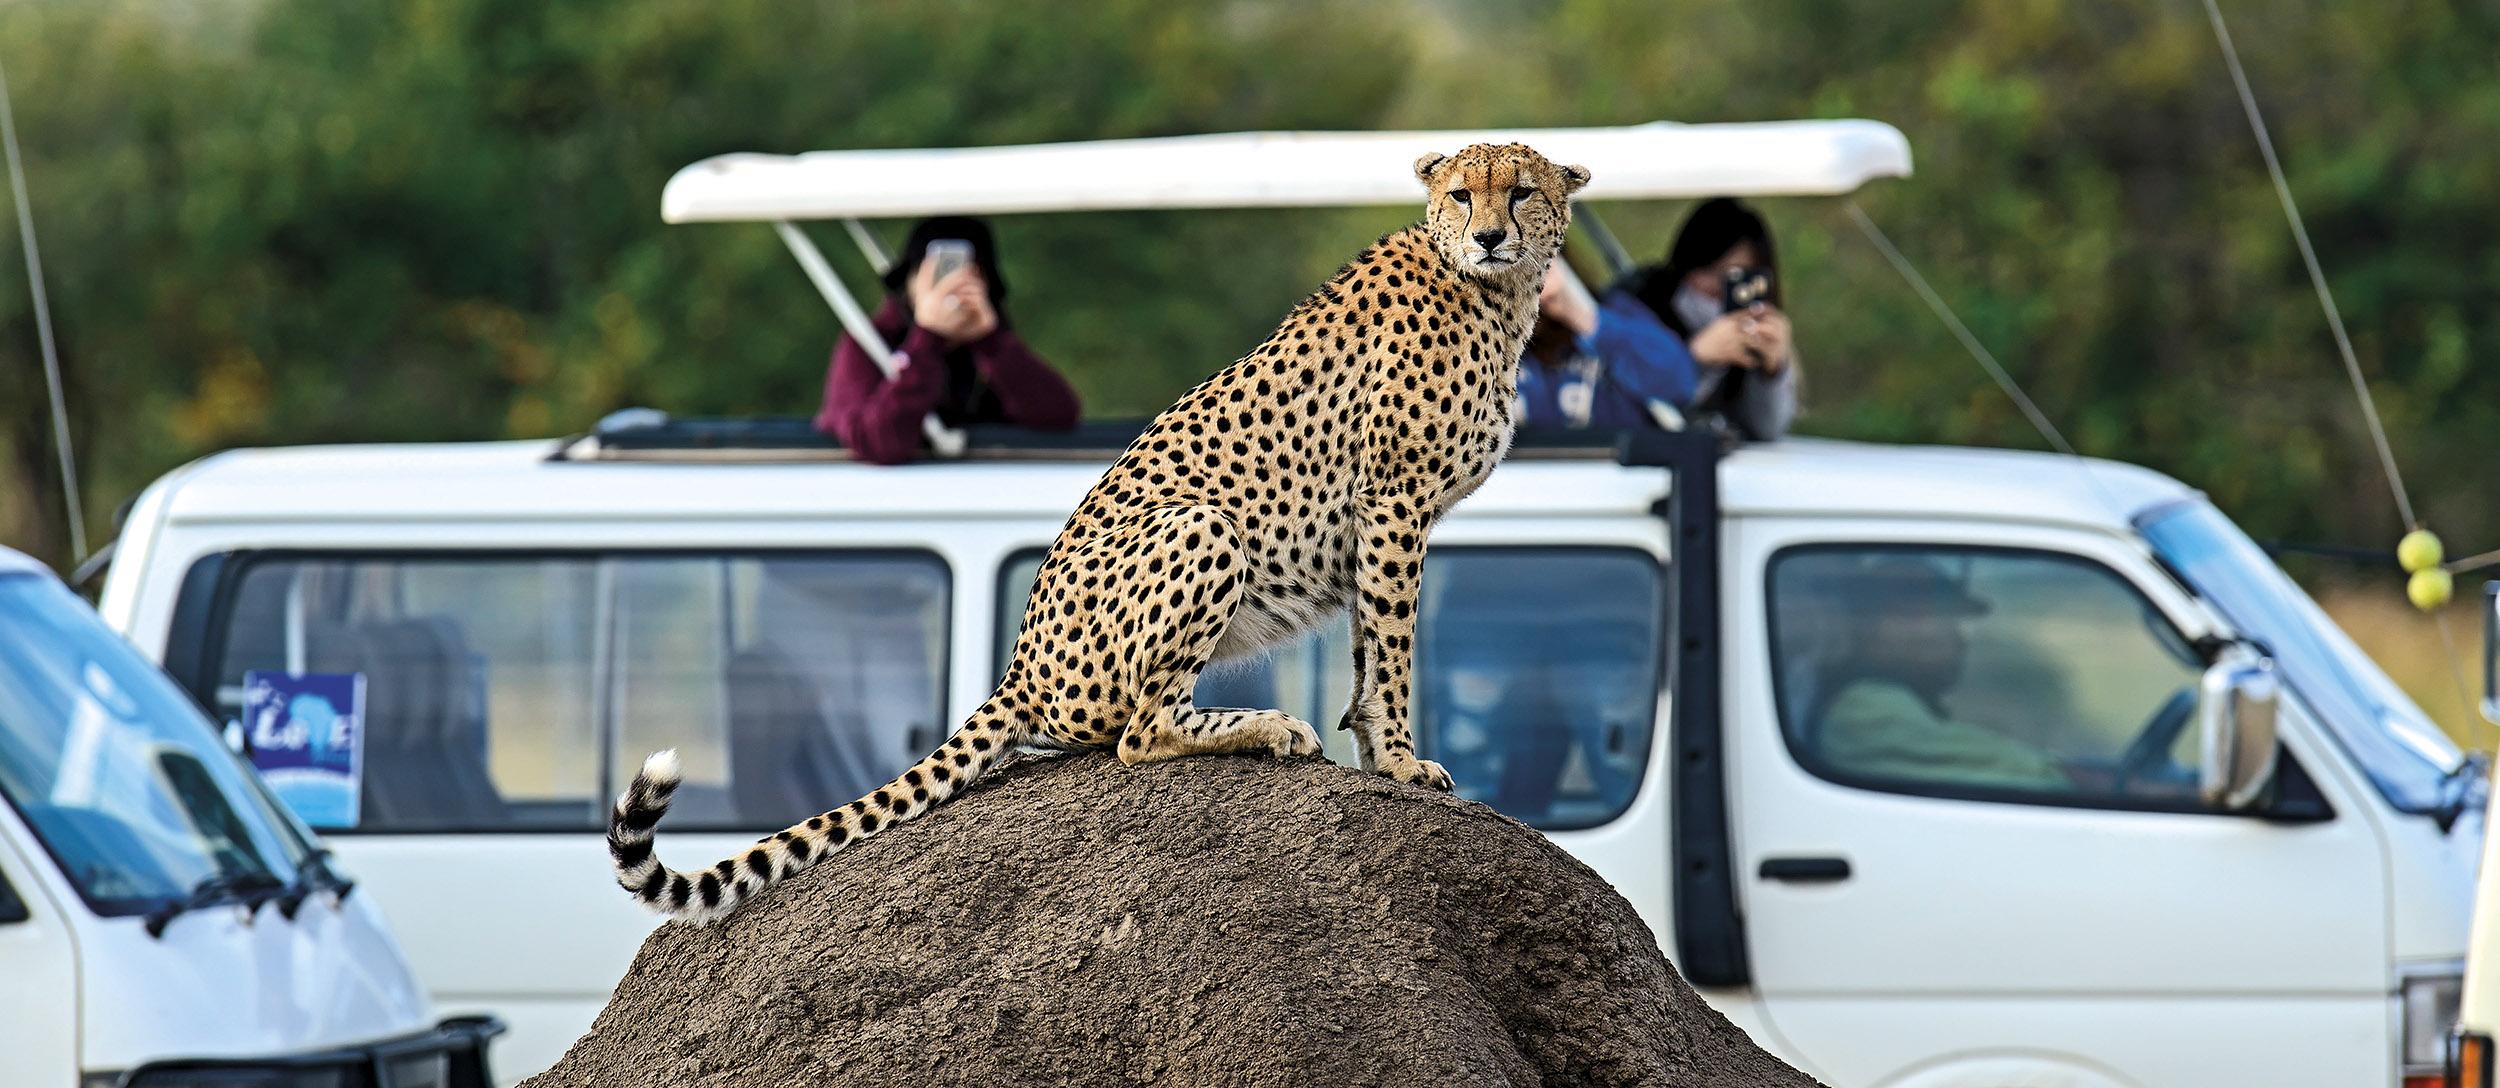 Hvornår skal man tage på safari?